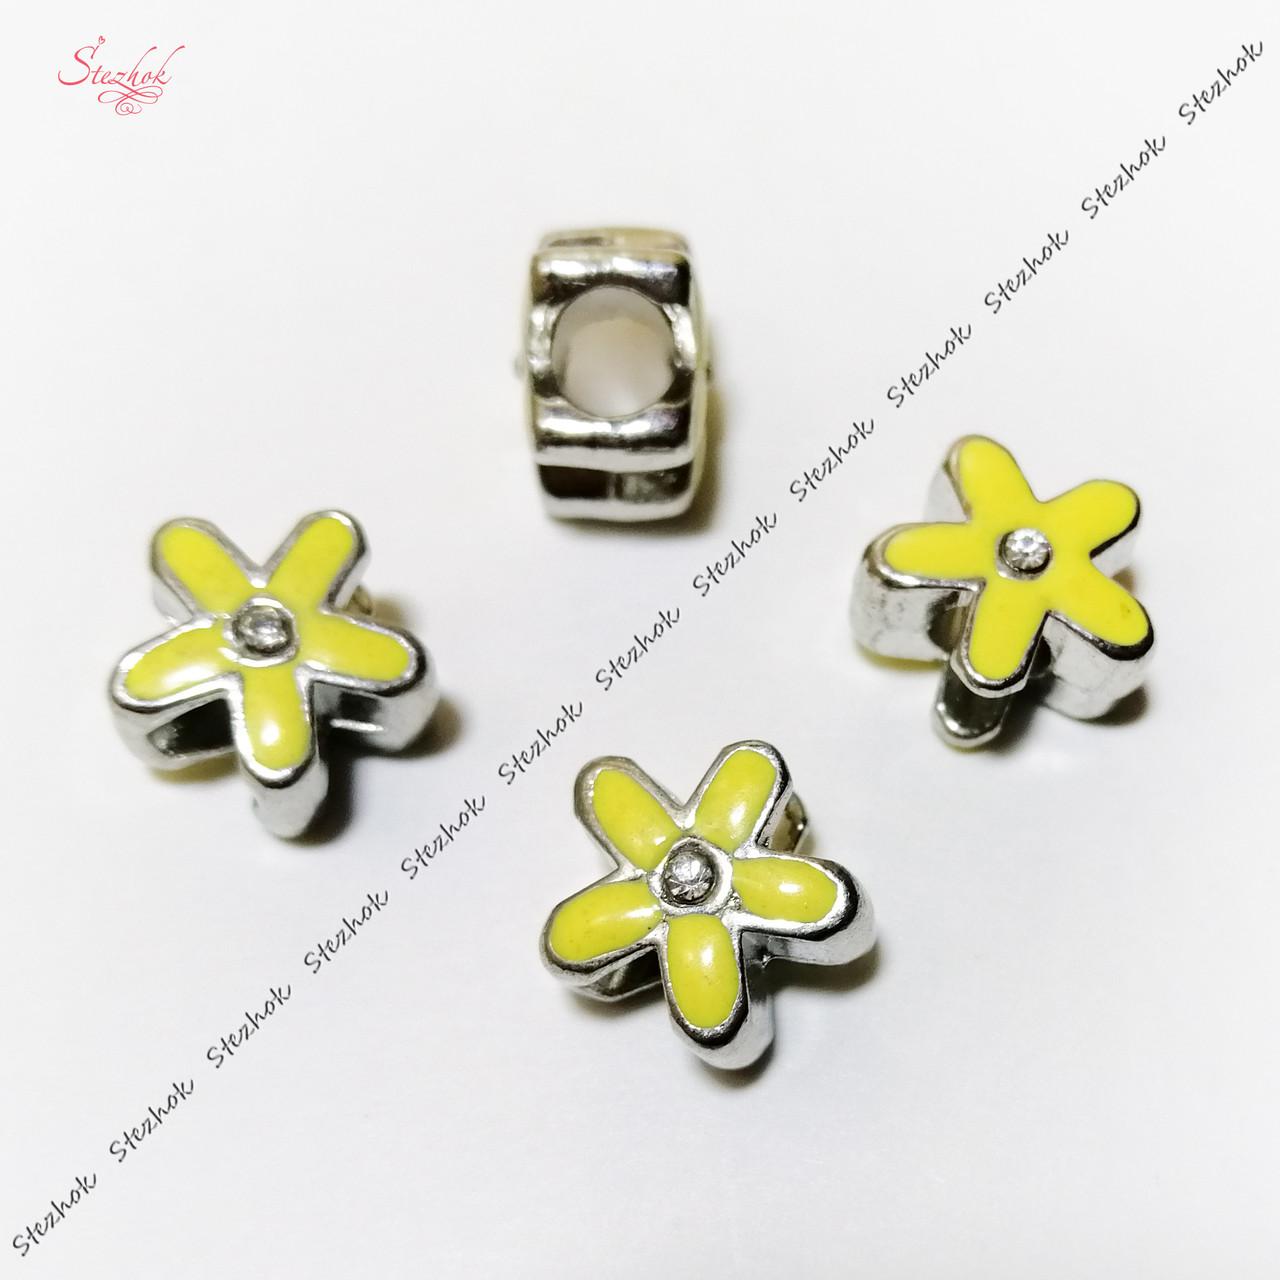 Металлическая бусина с эмалью 12мм желтый цветок платина для рукоделия